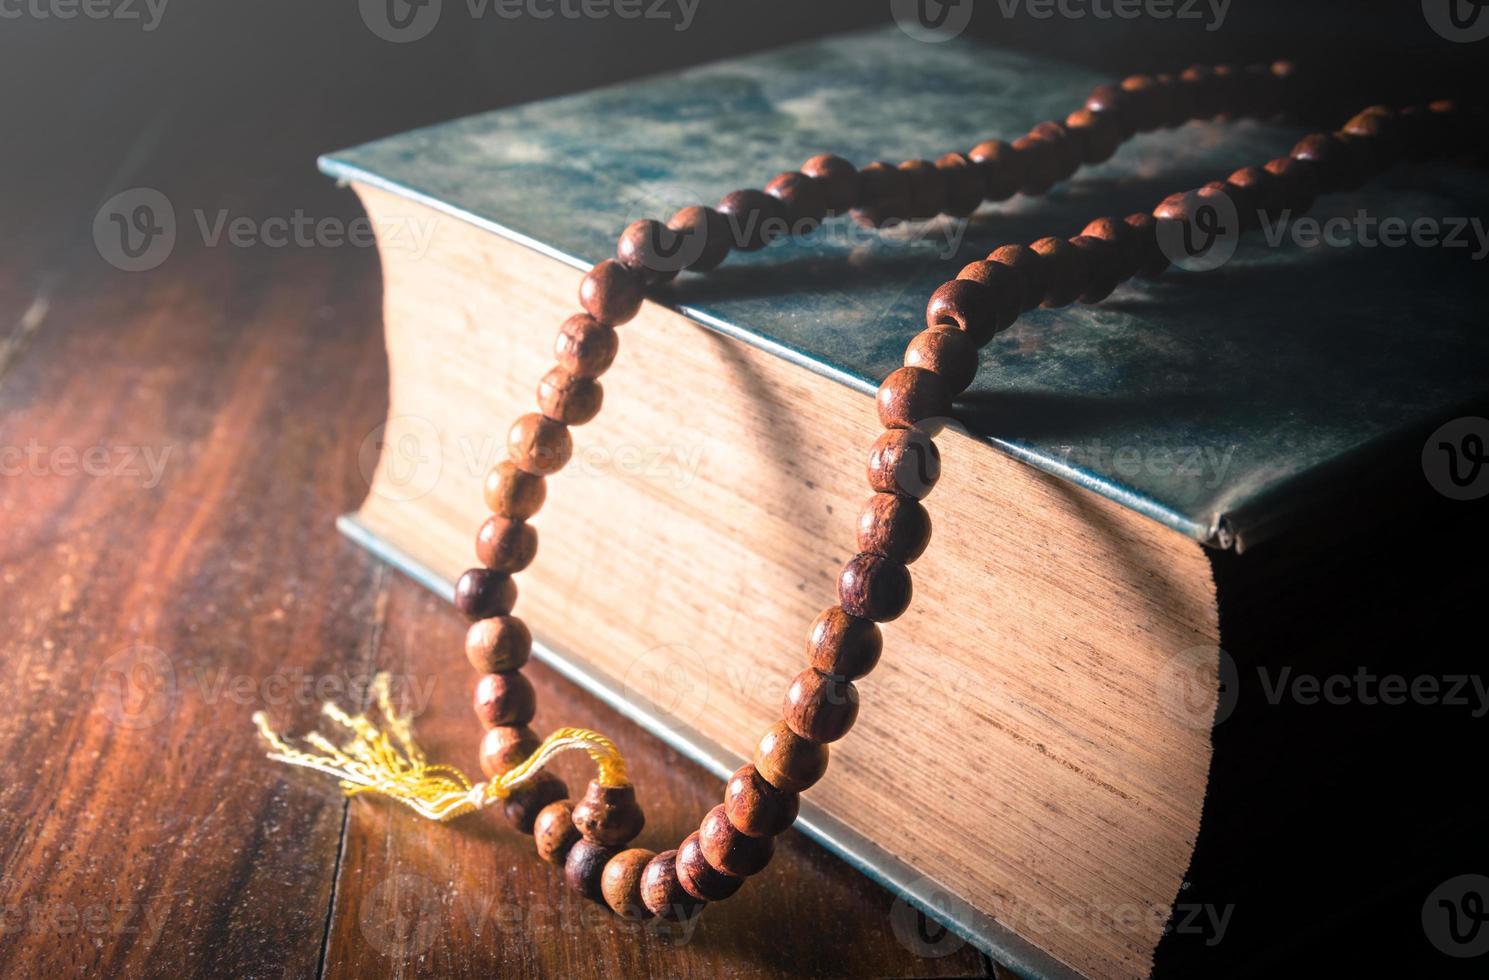 Weinlese gefiltert von Halskette auf Buch, Religionshintergrund. foto